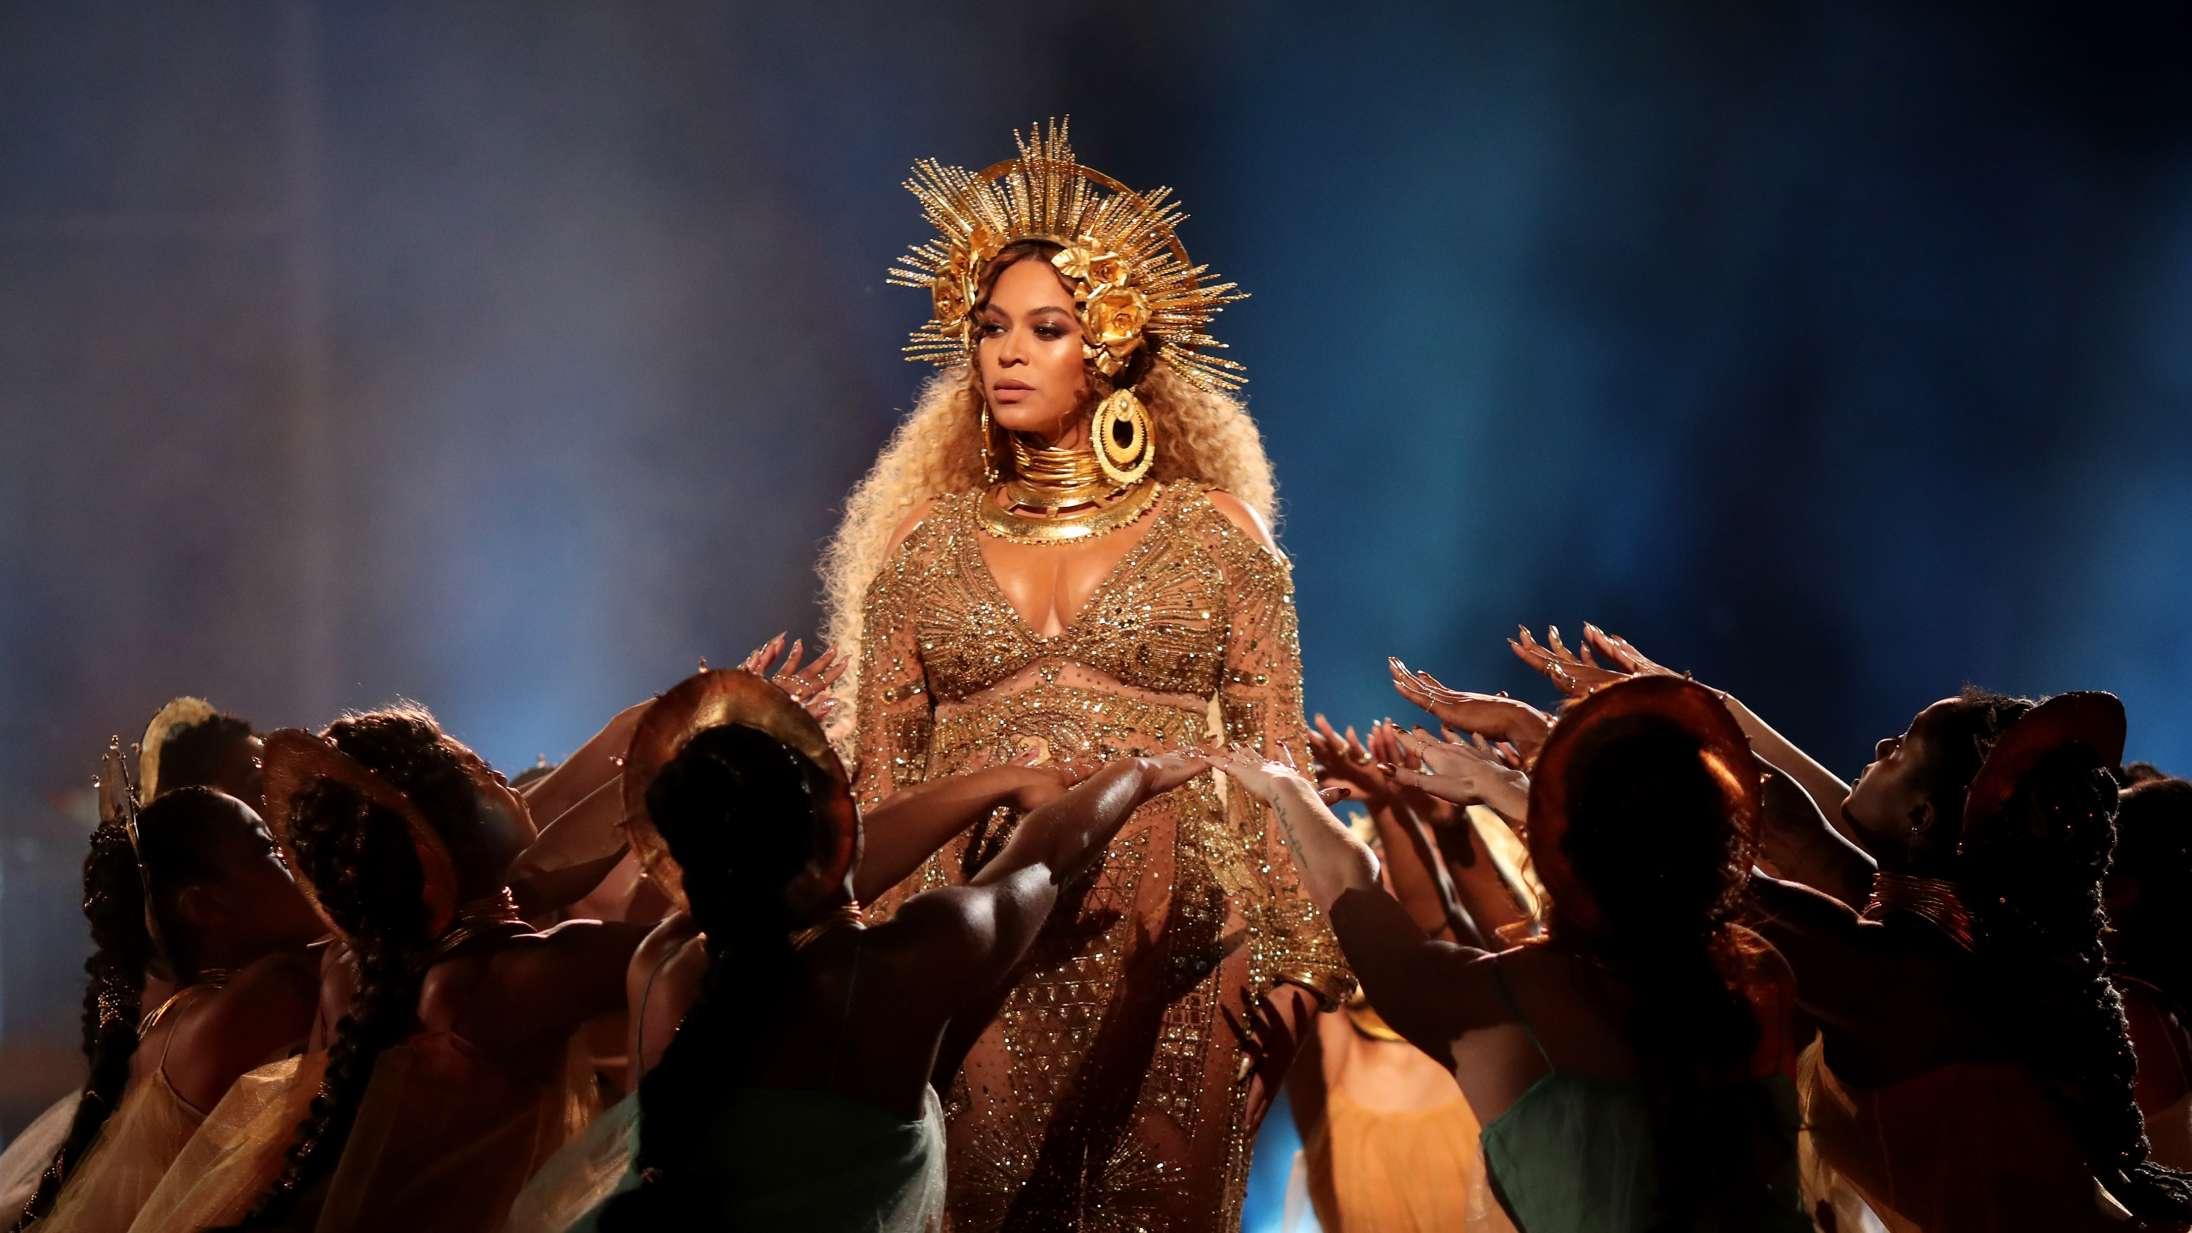 Coachella live-streamer koncerter hele weekenden – bl.a. Beyoncé, The Weeknd og Post Malone